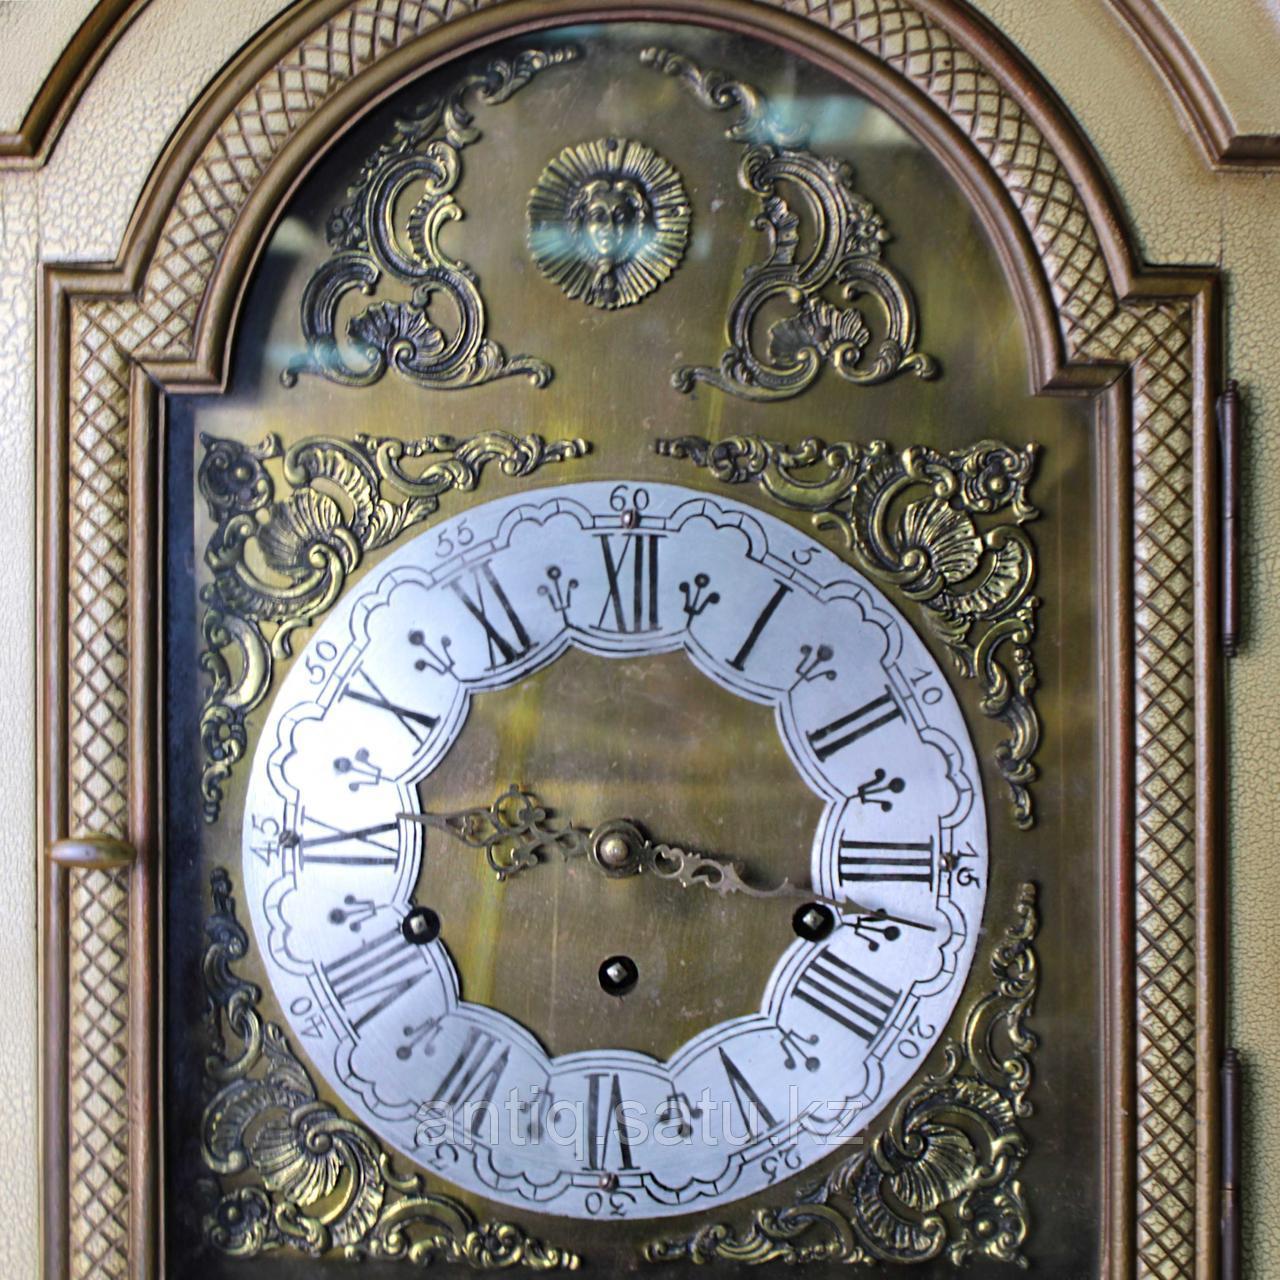 Напольные часы с рыцарским гербом. Германия. Середина ХХ века - фото 4